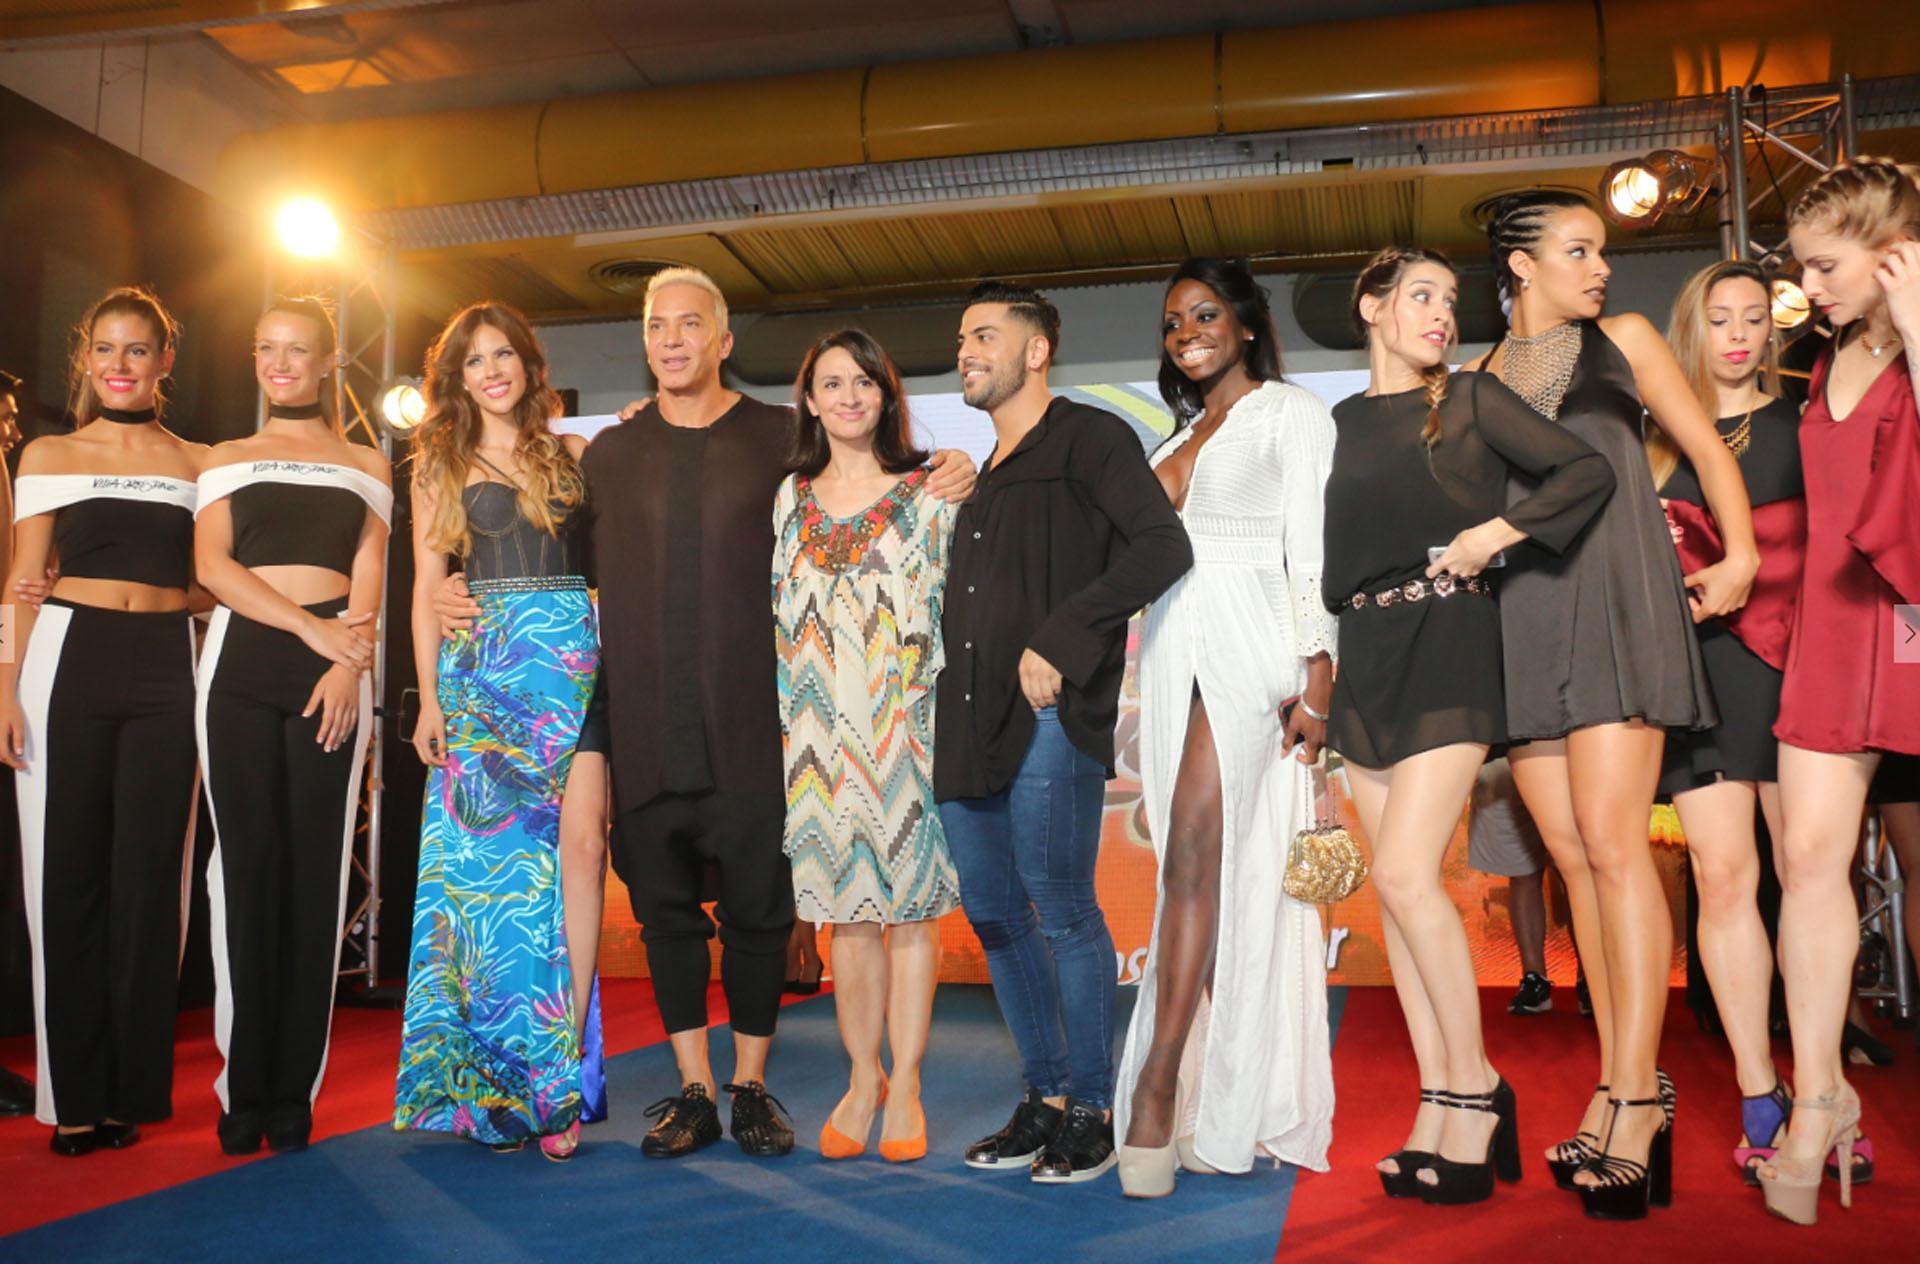 El elenco de Mahatma, musical con Flavio Mendoza, Anita Martínez, Barby Franco, entre otros